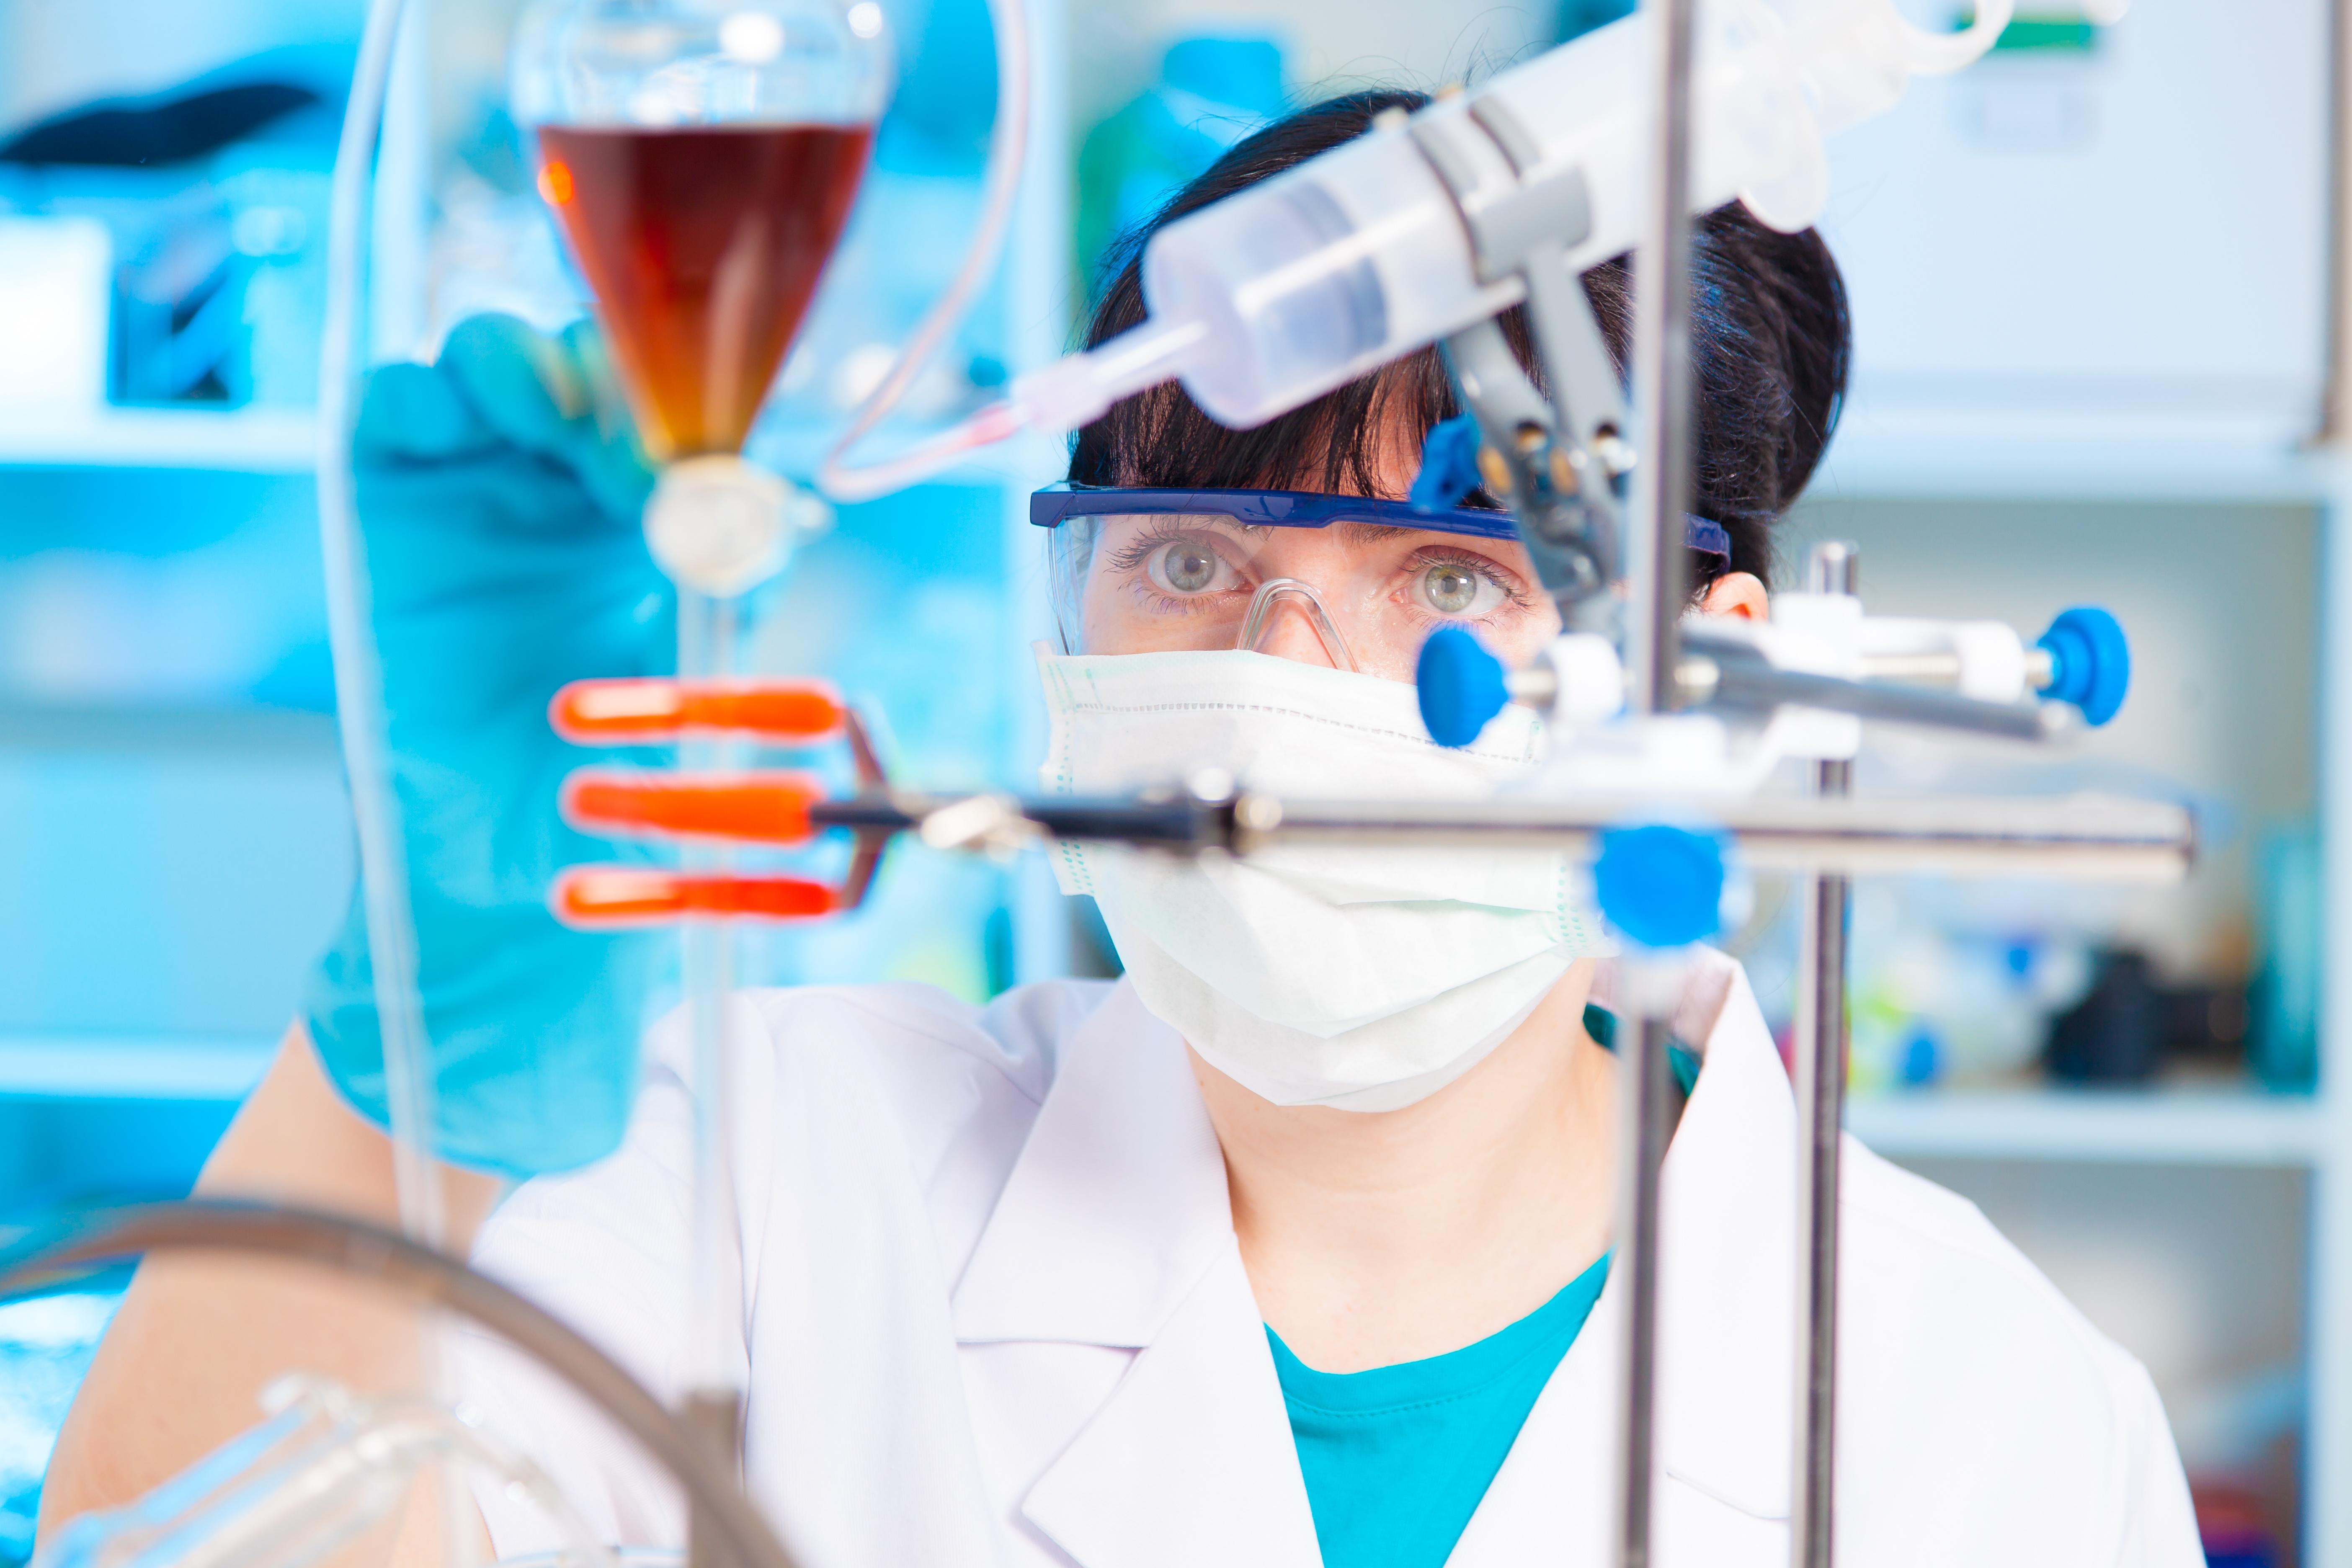 Industria farmacéutica crece, México se ubica dentro de los 10 mercados más importantes del mundo.